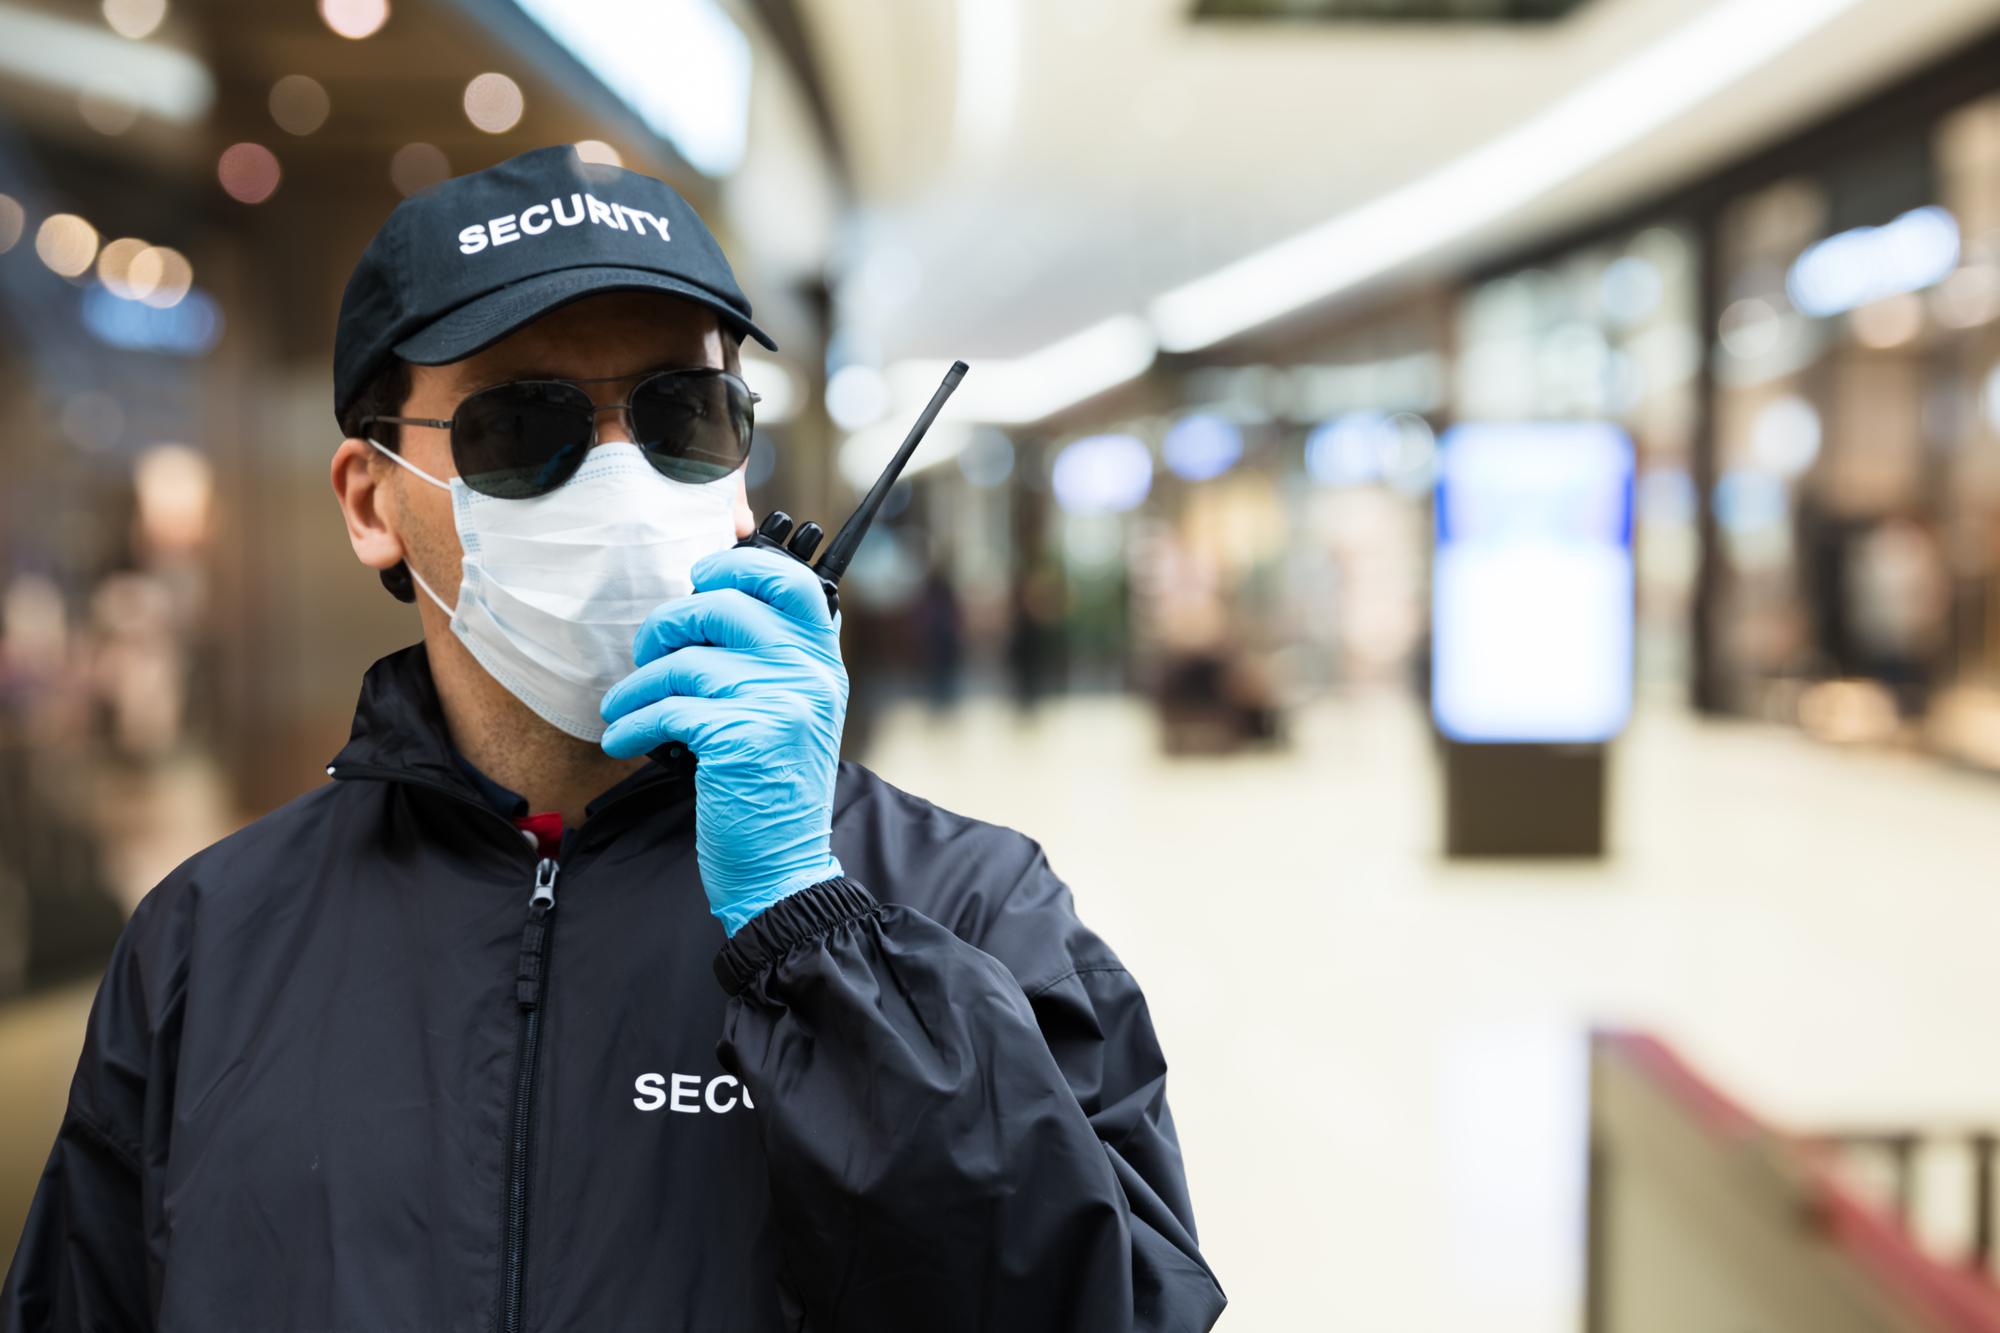 Ochroniarz w maseczce i rękawiczkach rozmawiający przez walkie talkie